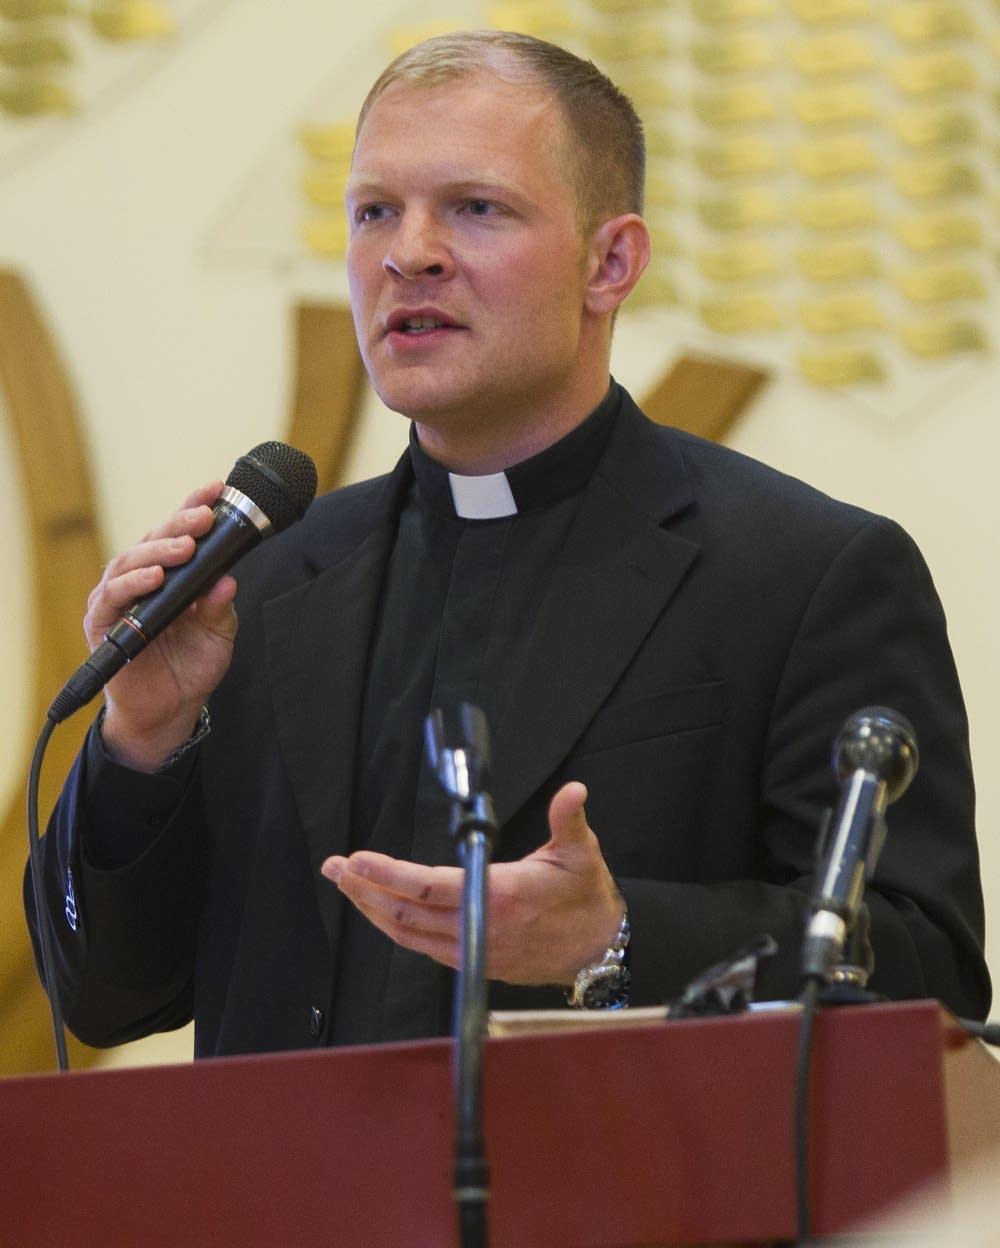 Father Anthony Craig